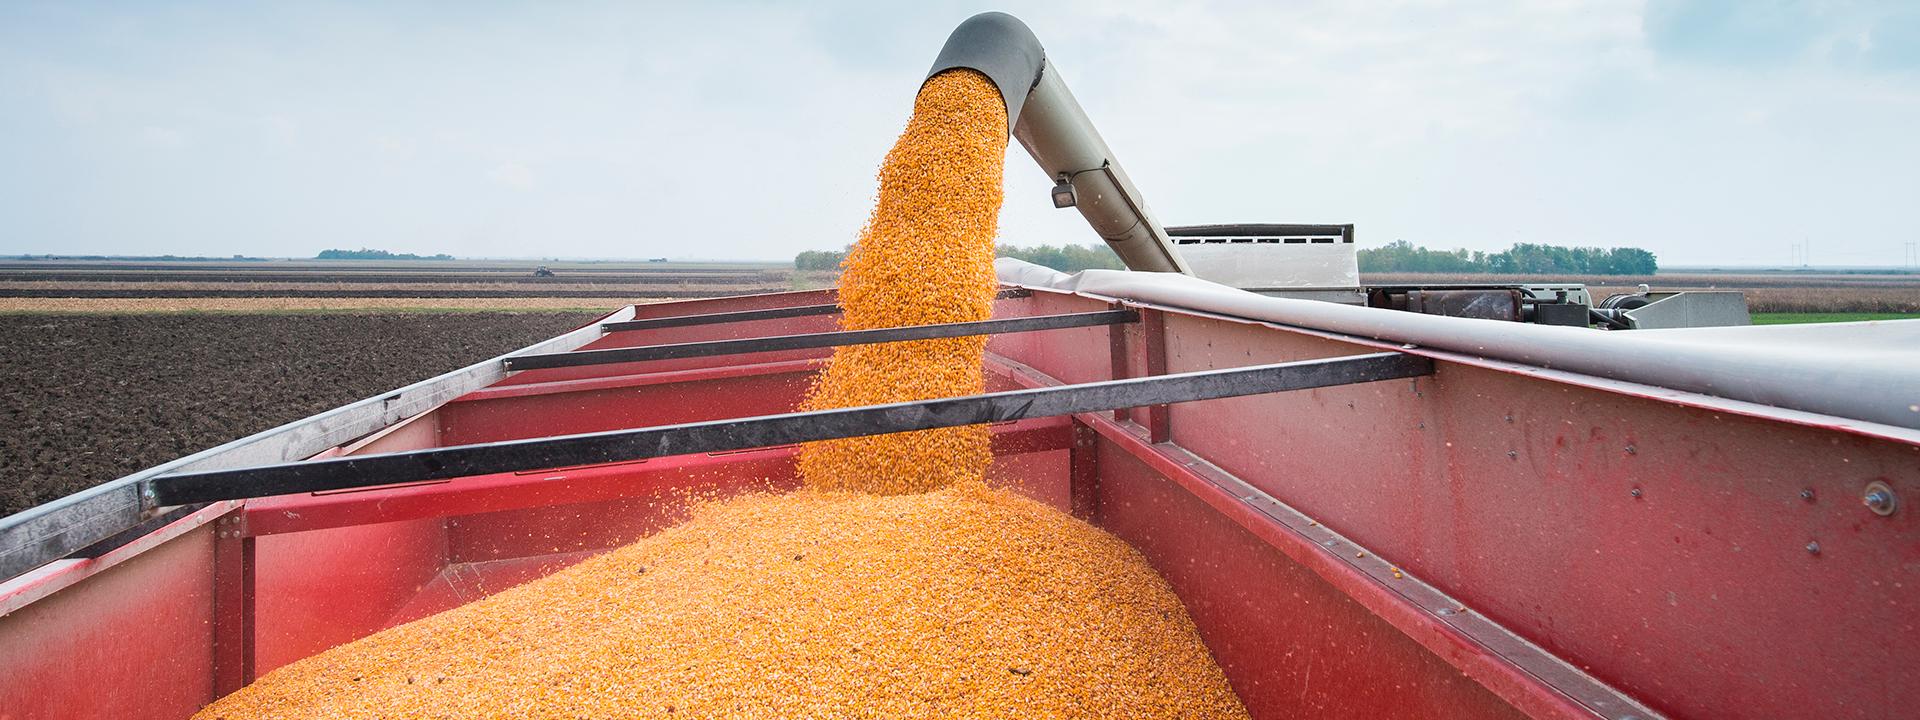 Efecto neutro de los precios de commodities en el comercio exterior